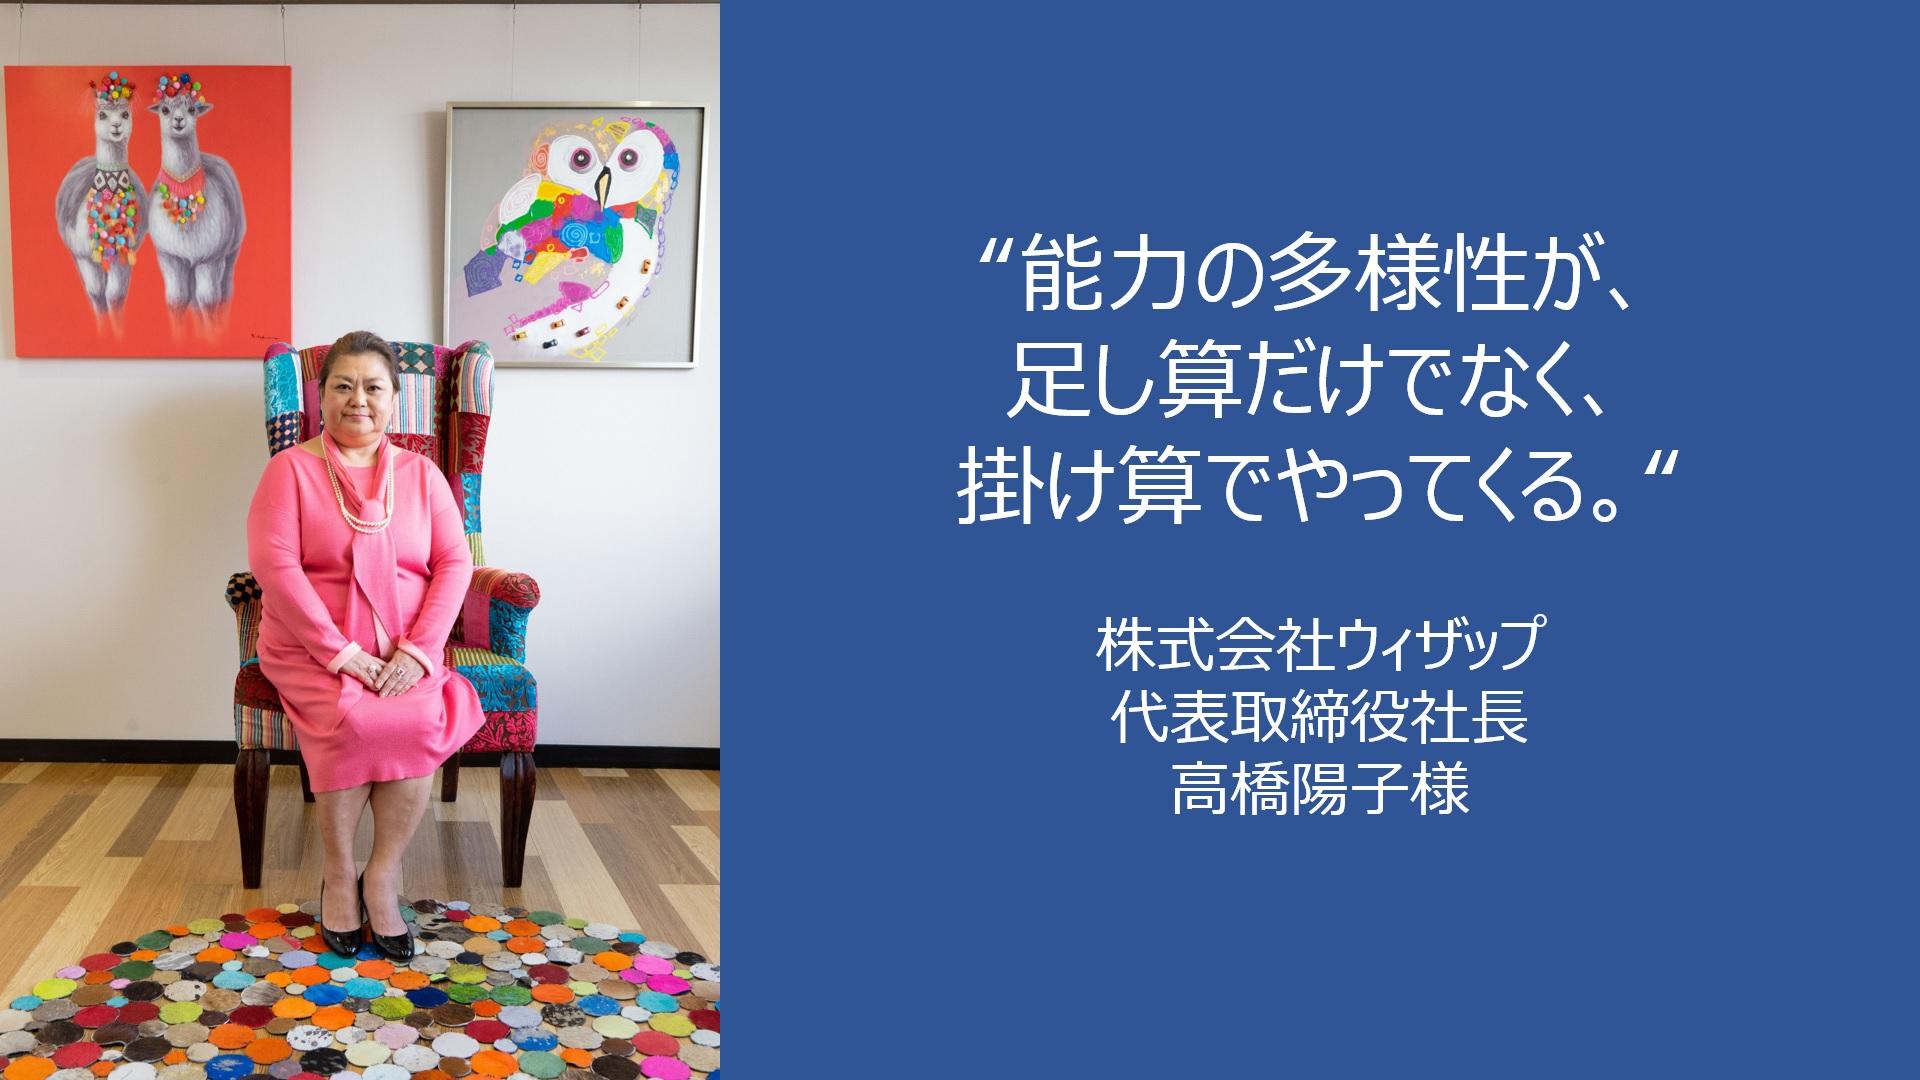 東日本で初めてのハイデルベルグ サブスクリプション<BR>株式会社ウィザップ代表取締役社長 高橋陽子様<BR>インタビュー 1